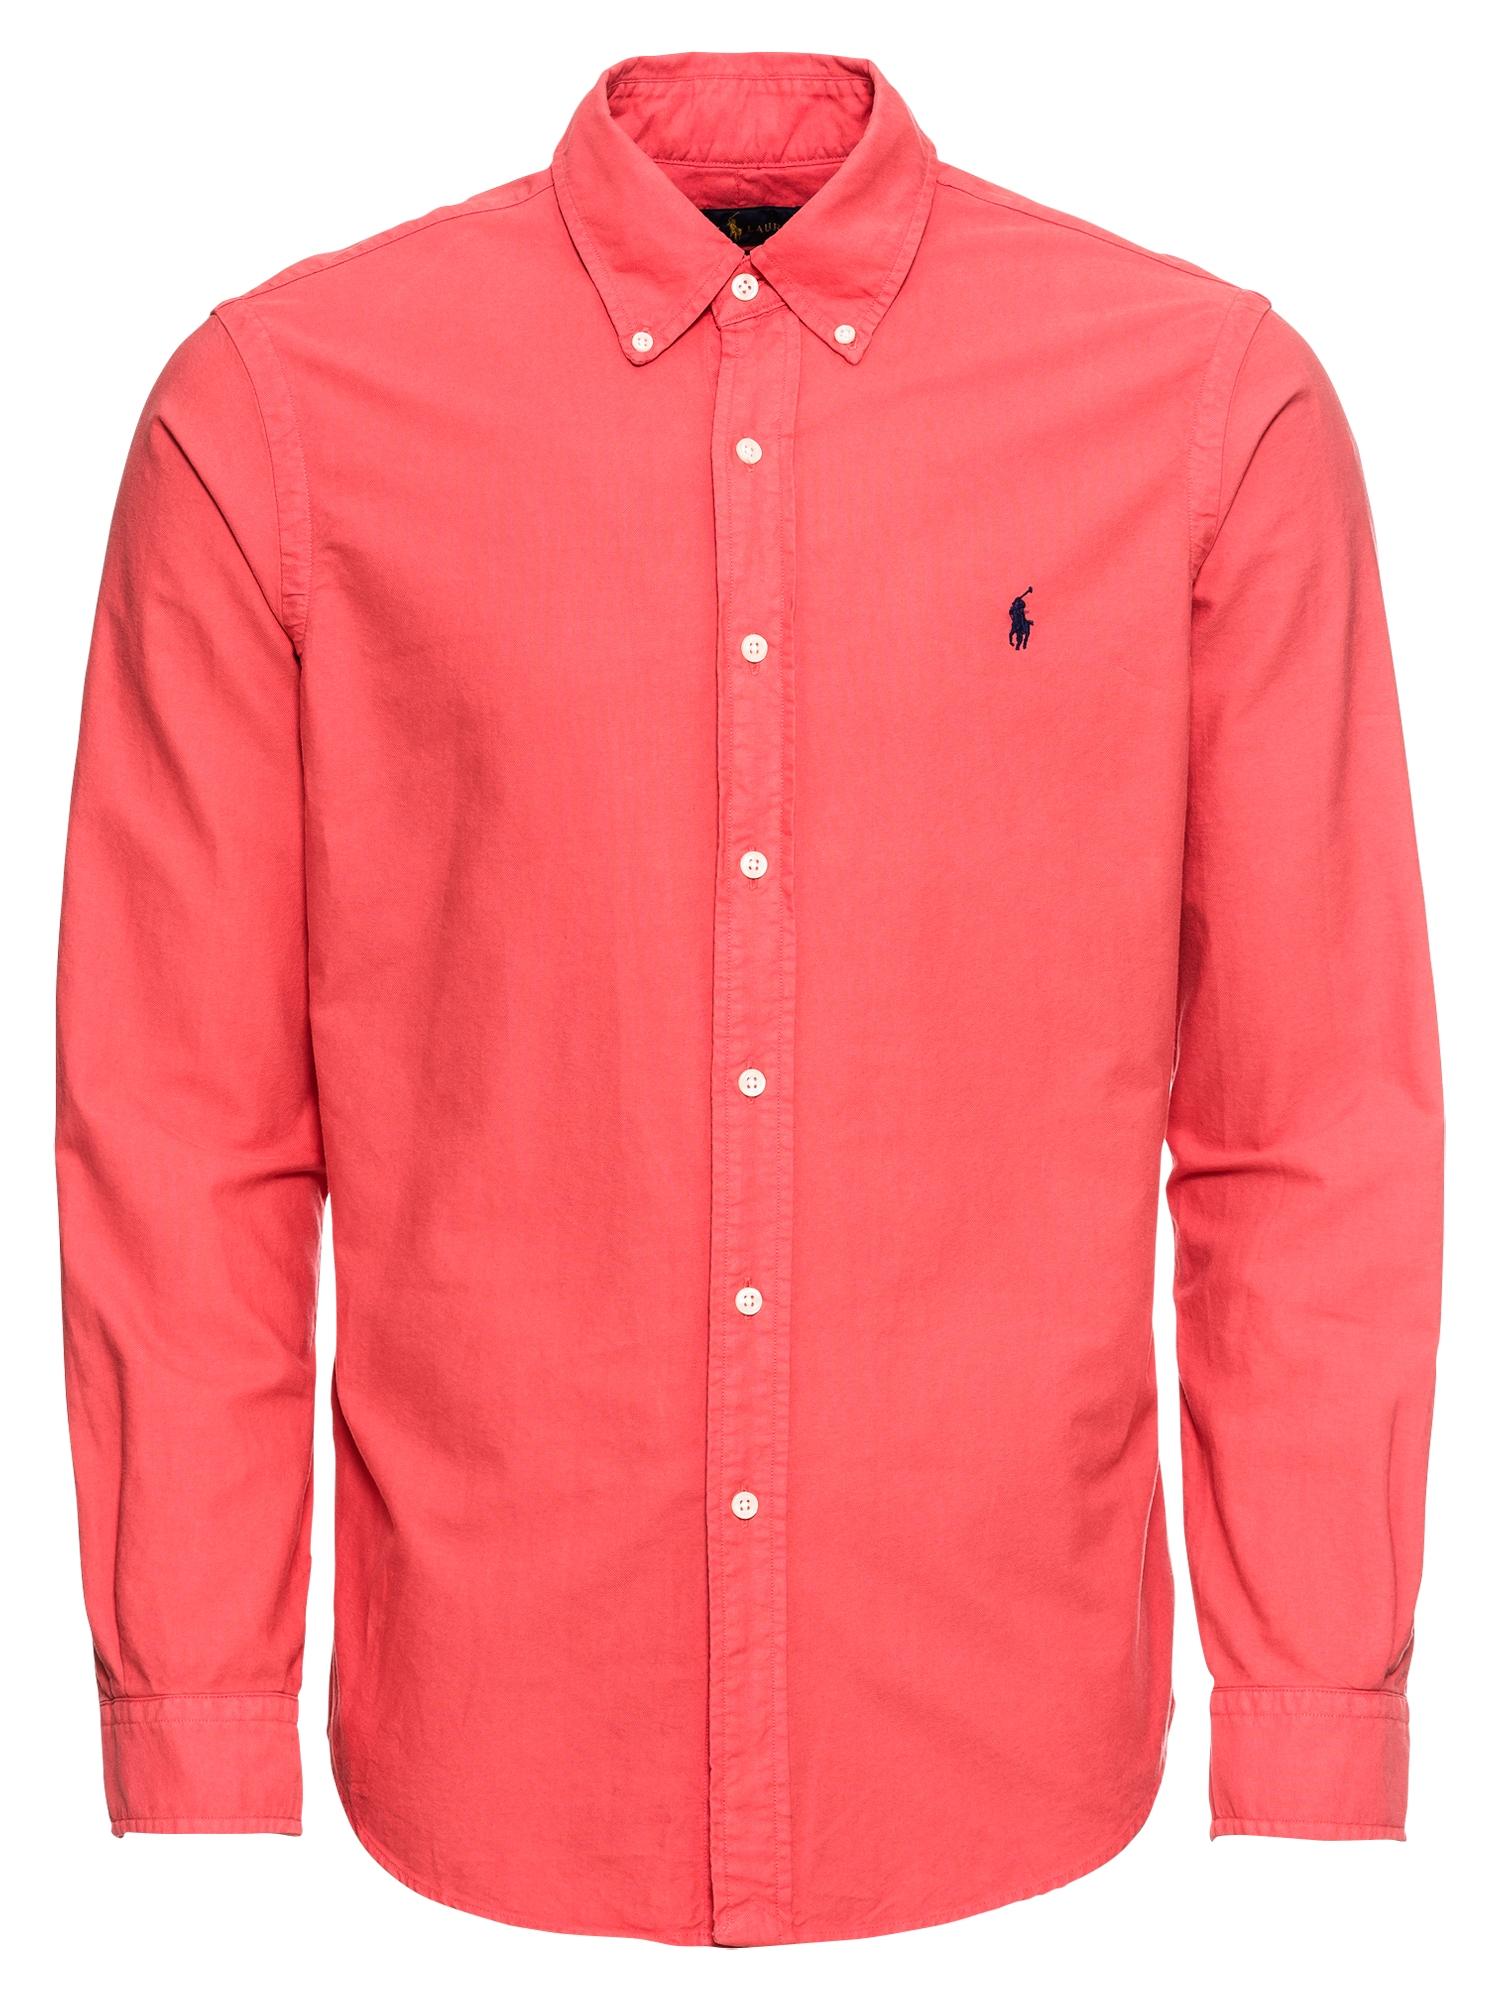 Košile SL BD PPCSPT-LONG červená POLO RALPH LAUREN